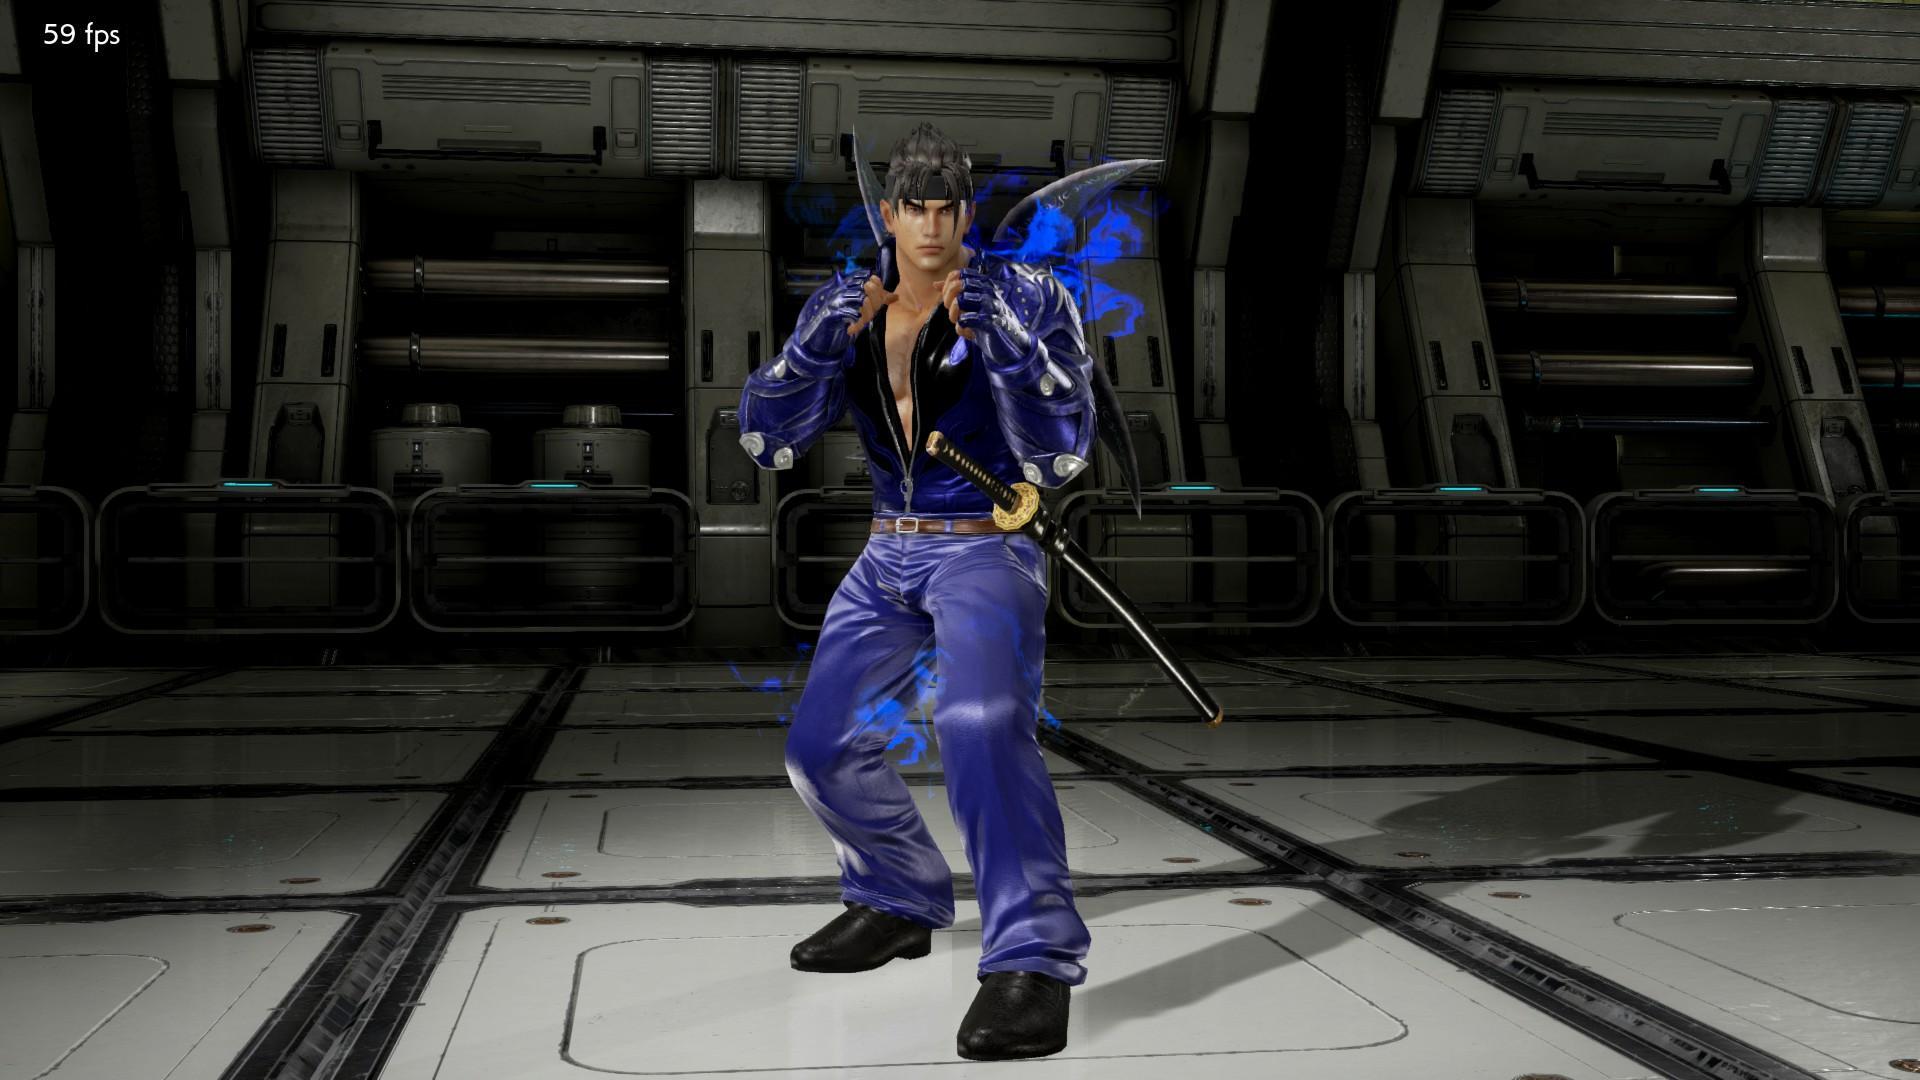 Mortal Kombat Wallpaper 3d Tekken 7 Character Customization